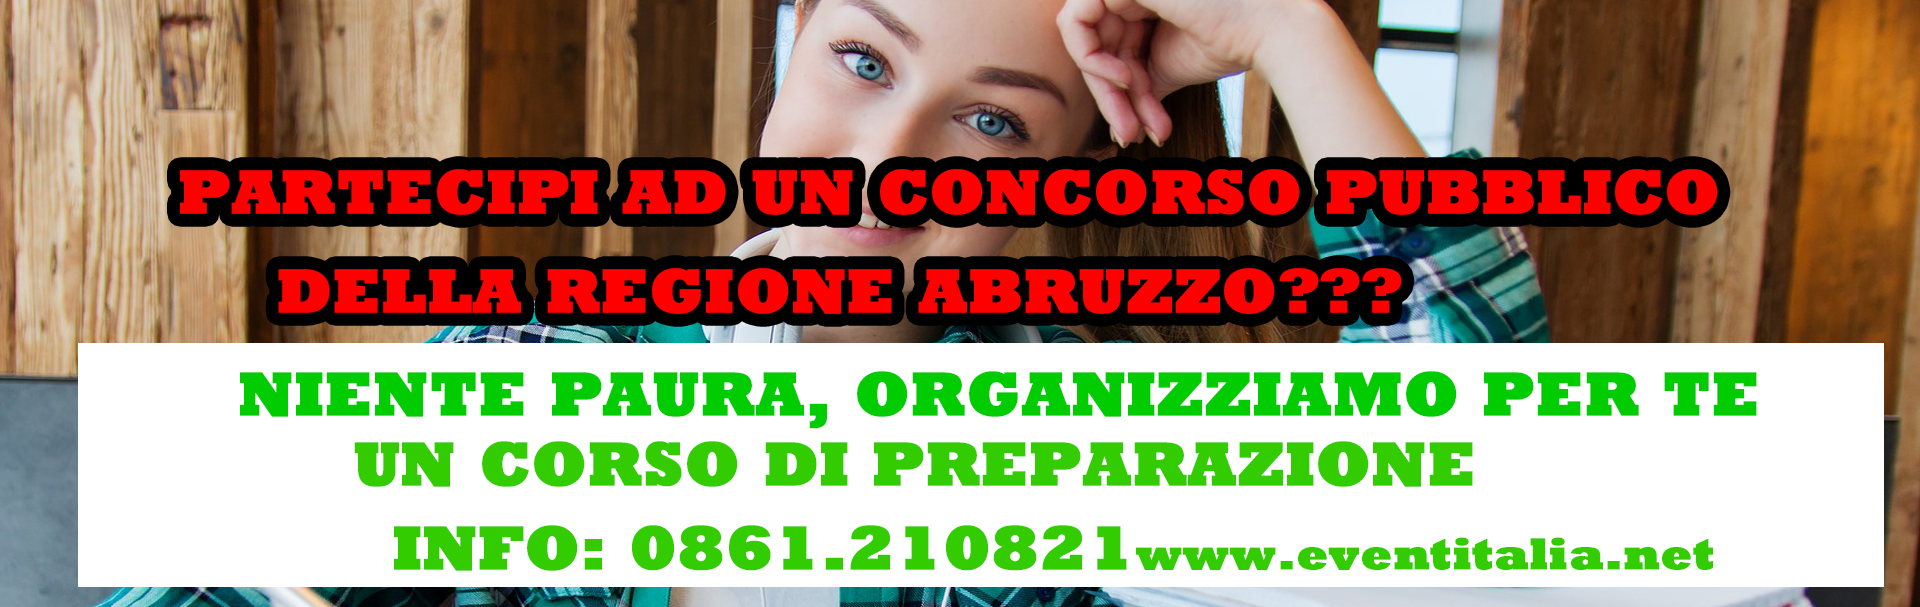 CORSO DI PREPARAZIONE AI CONCORSI PUBBLICI DELLA REGIONE ABRUZZO